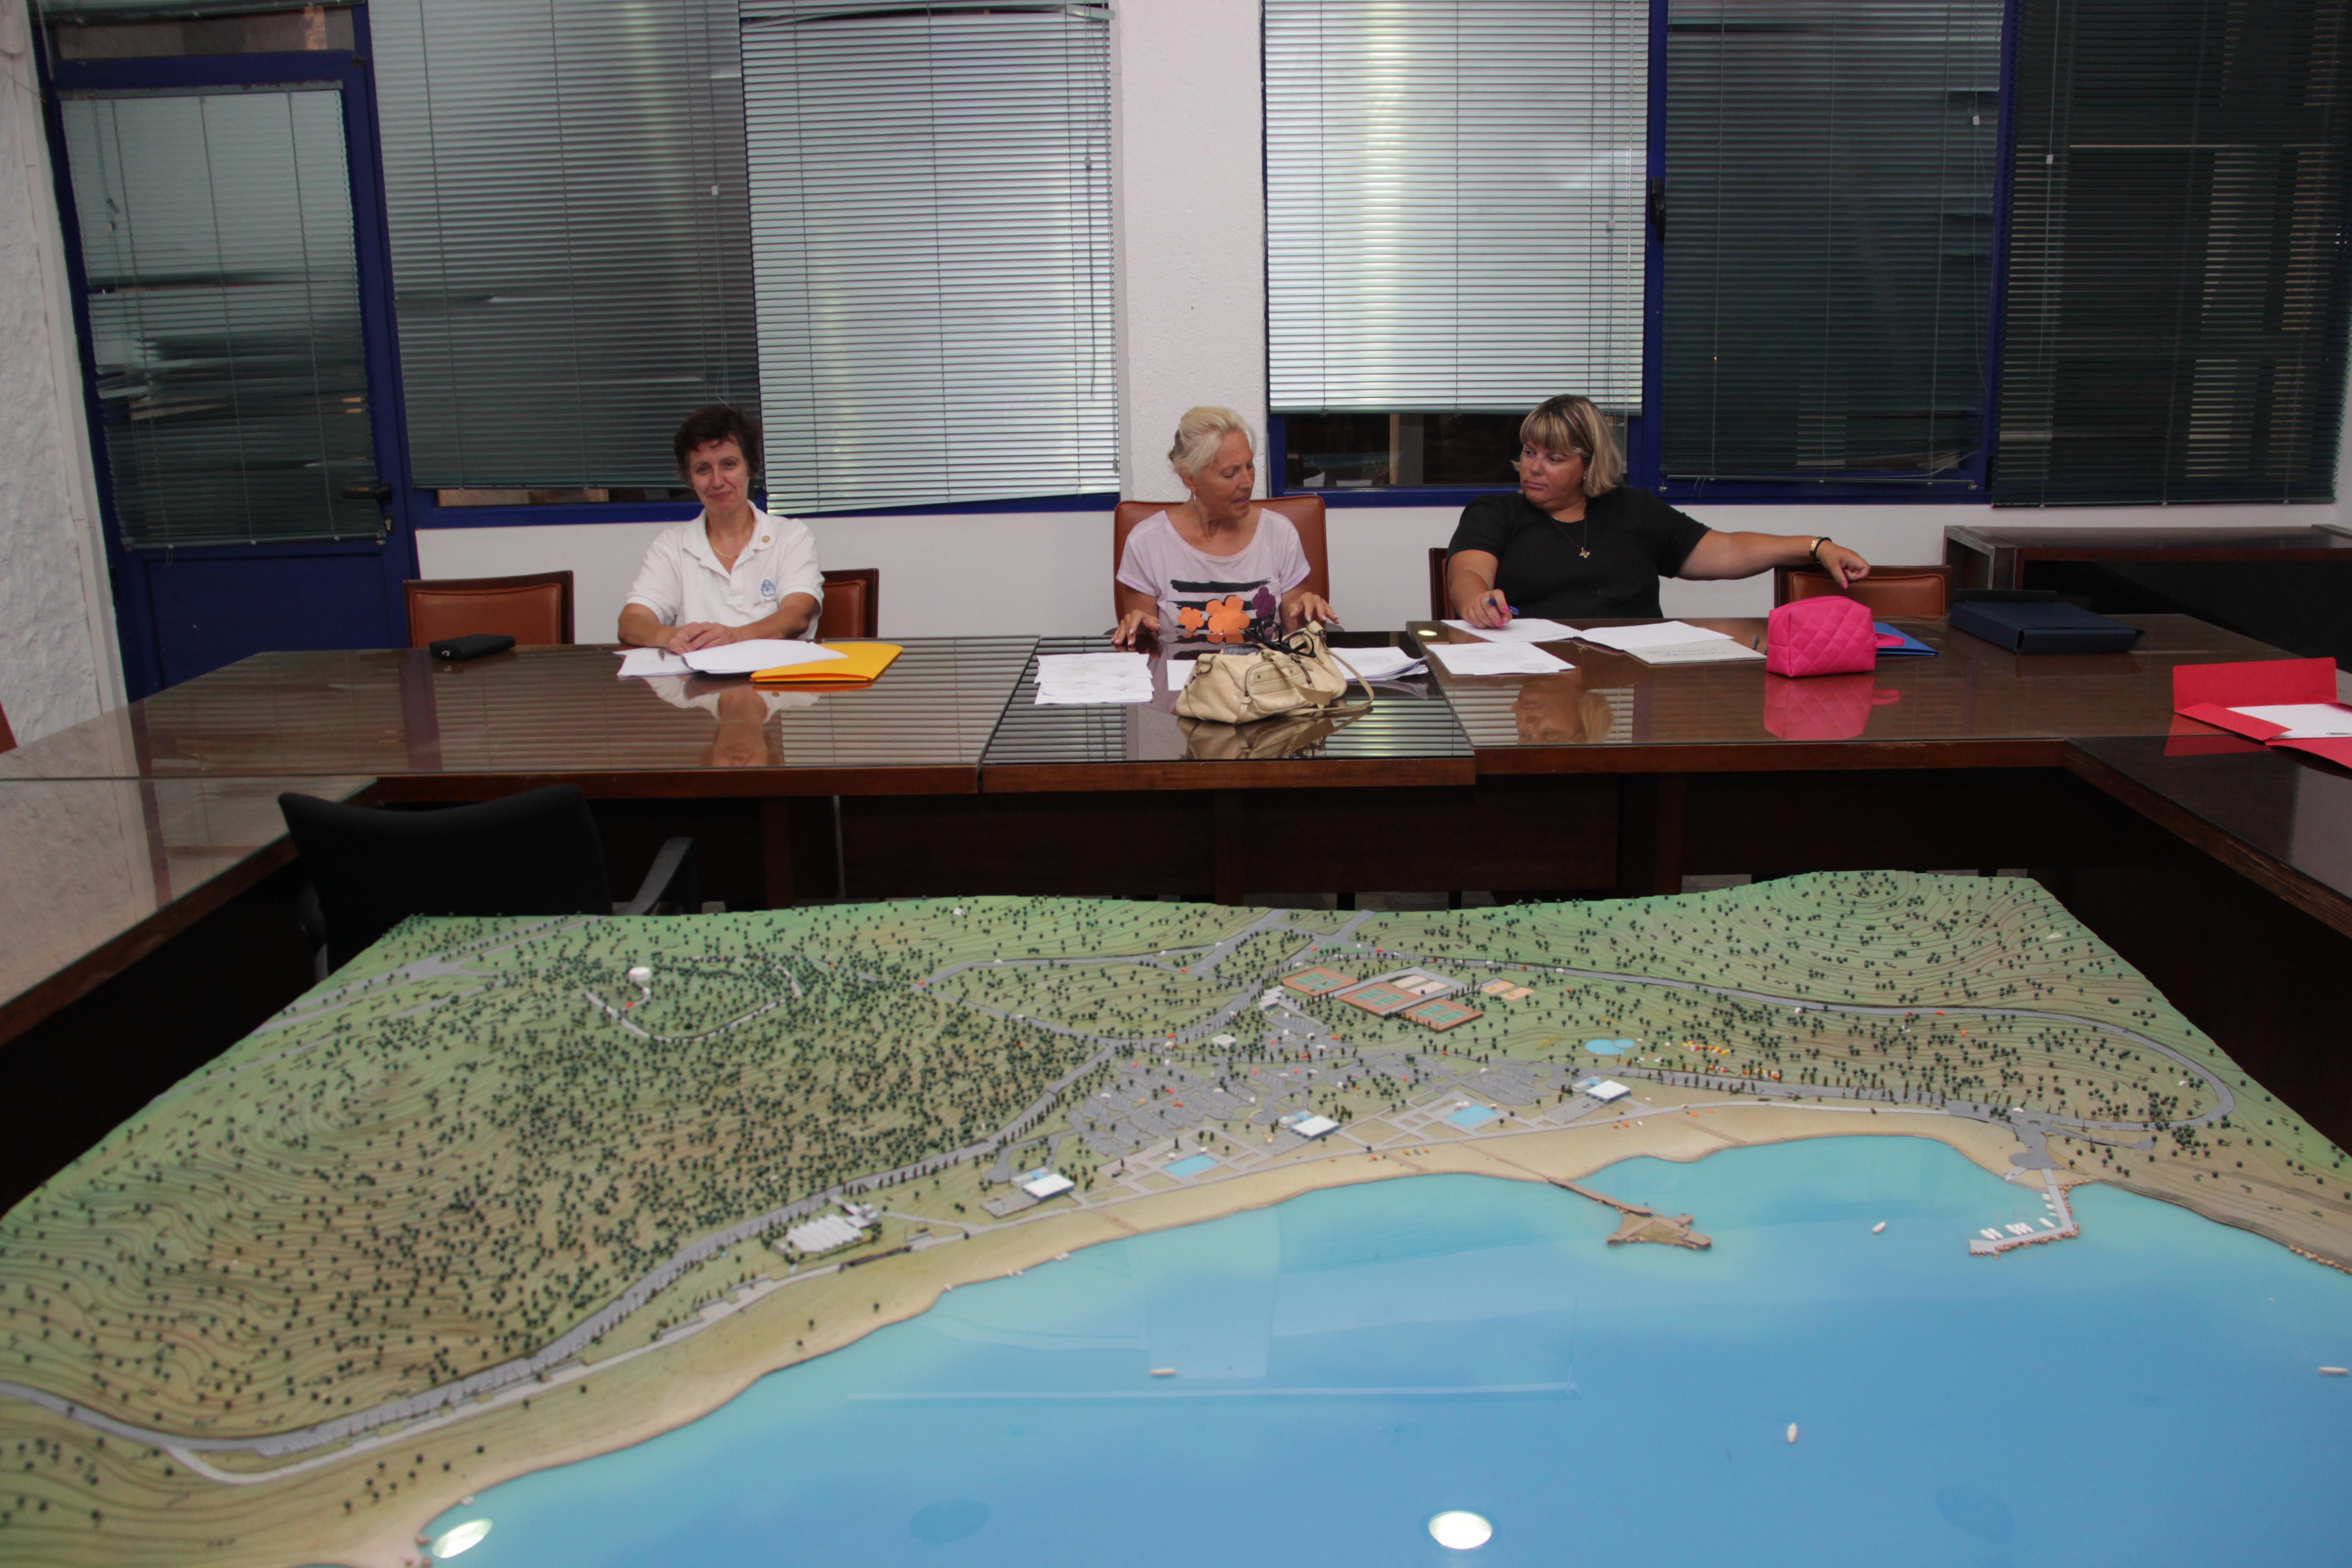 Προτάσεις για τον Κανονισμό Καθαριότητας των 3Β κατέθεσε η Βουλιαγμένη